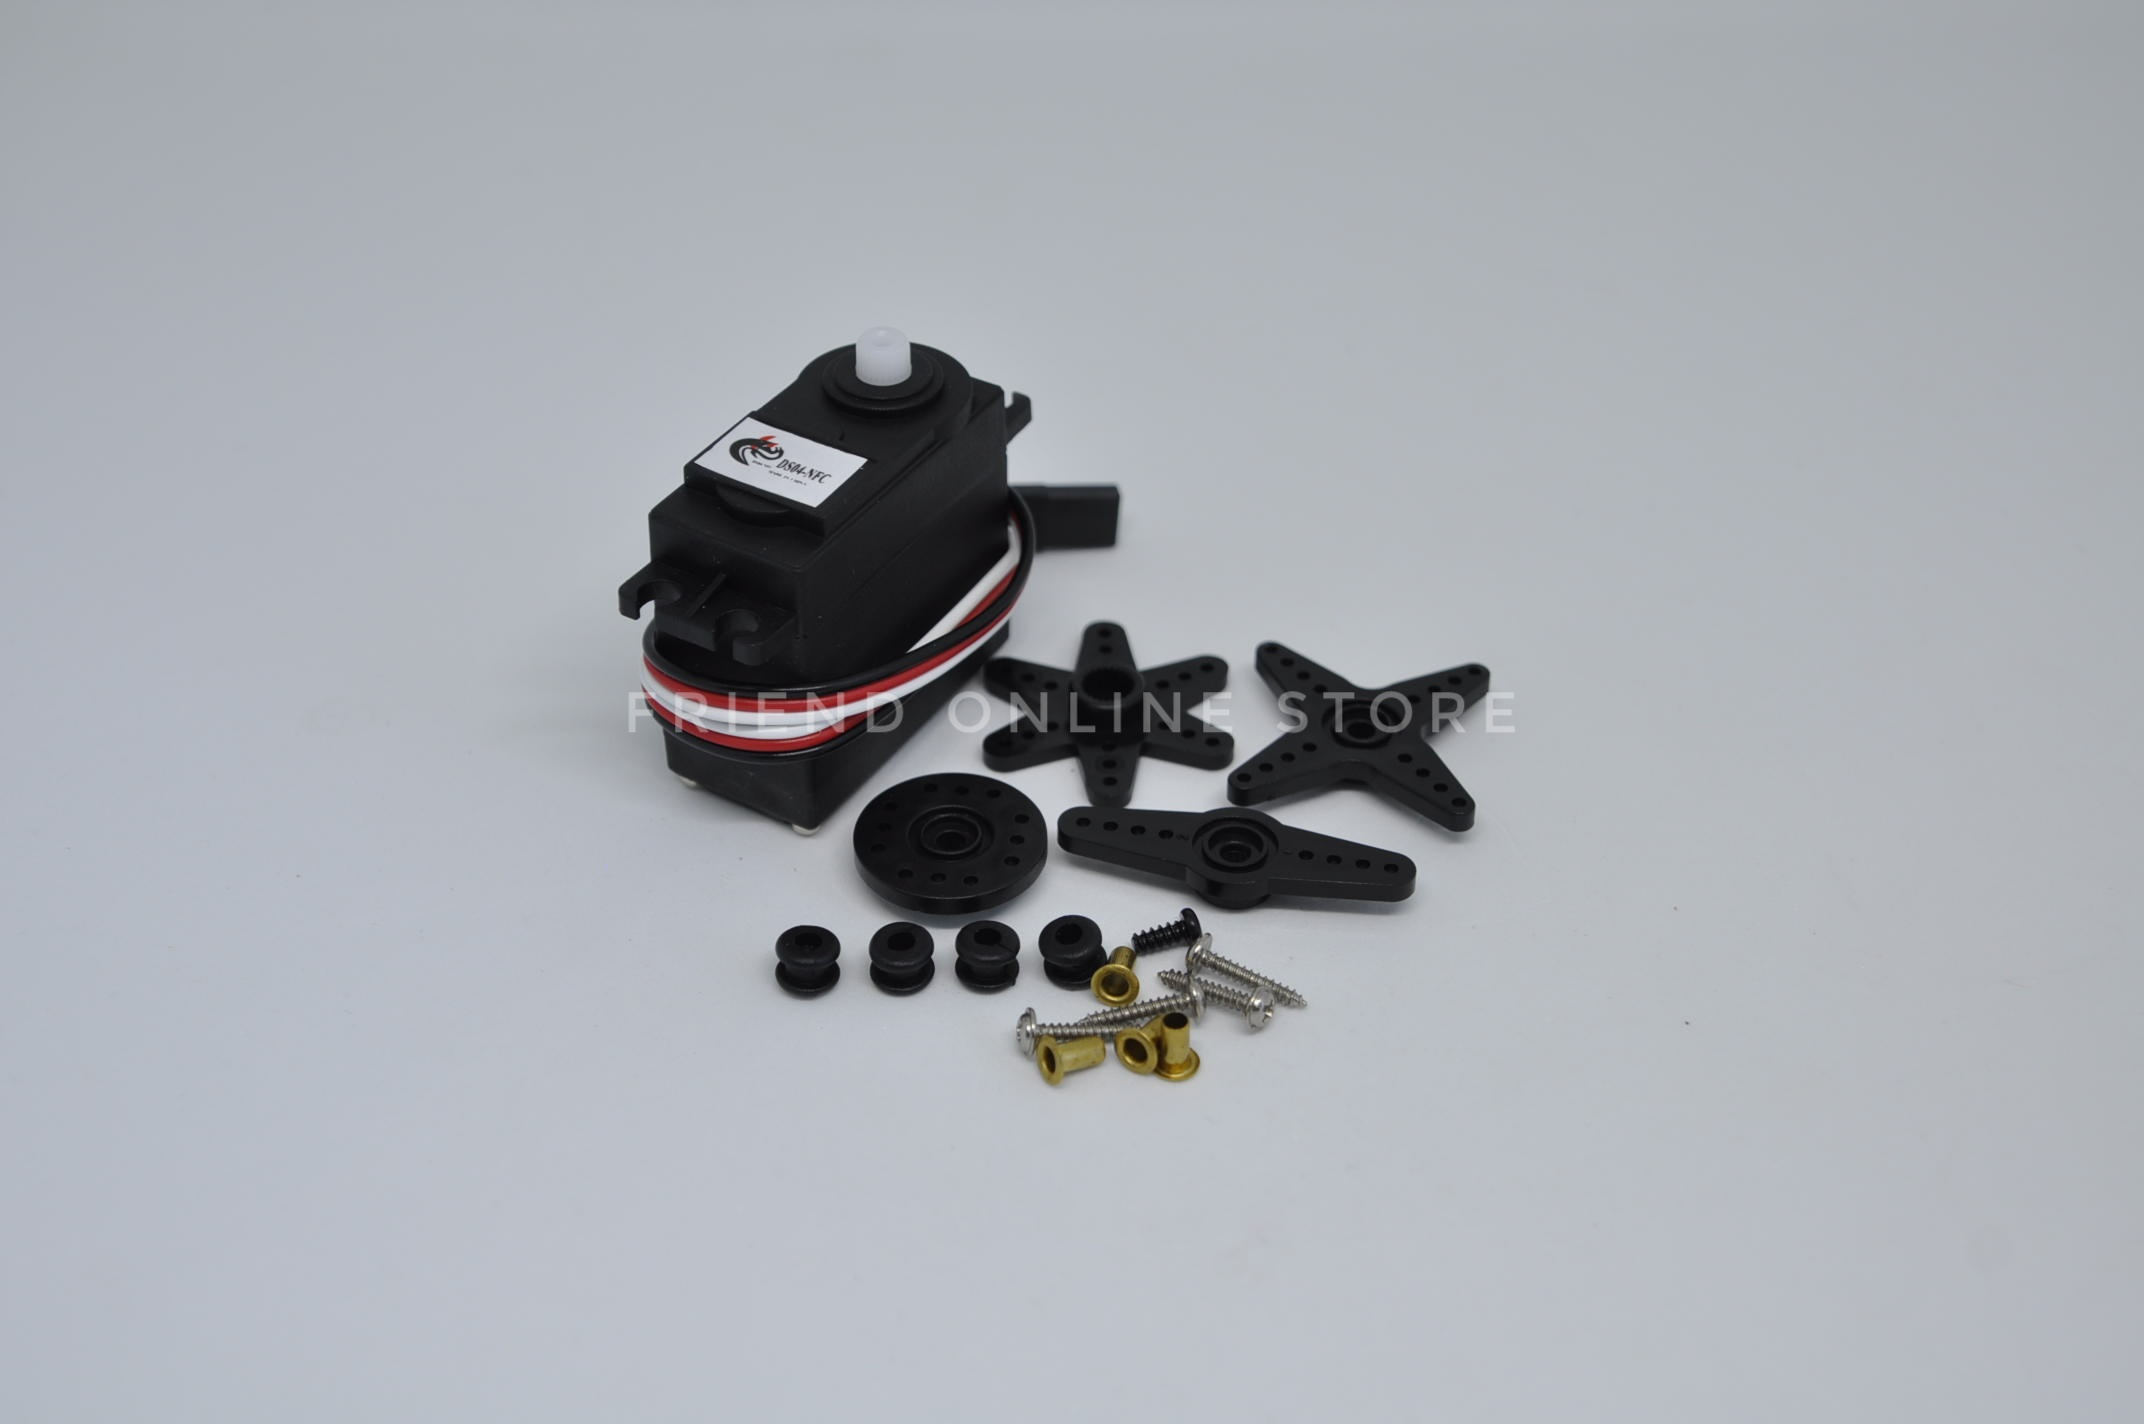 Servo Motor DS04-nfc Continuous Rotation 360? for Arduino/Raspberry  Pi/Robotics